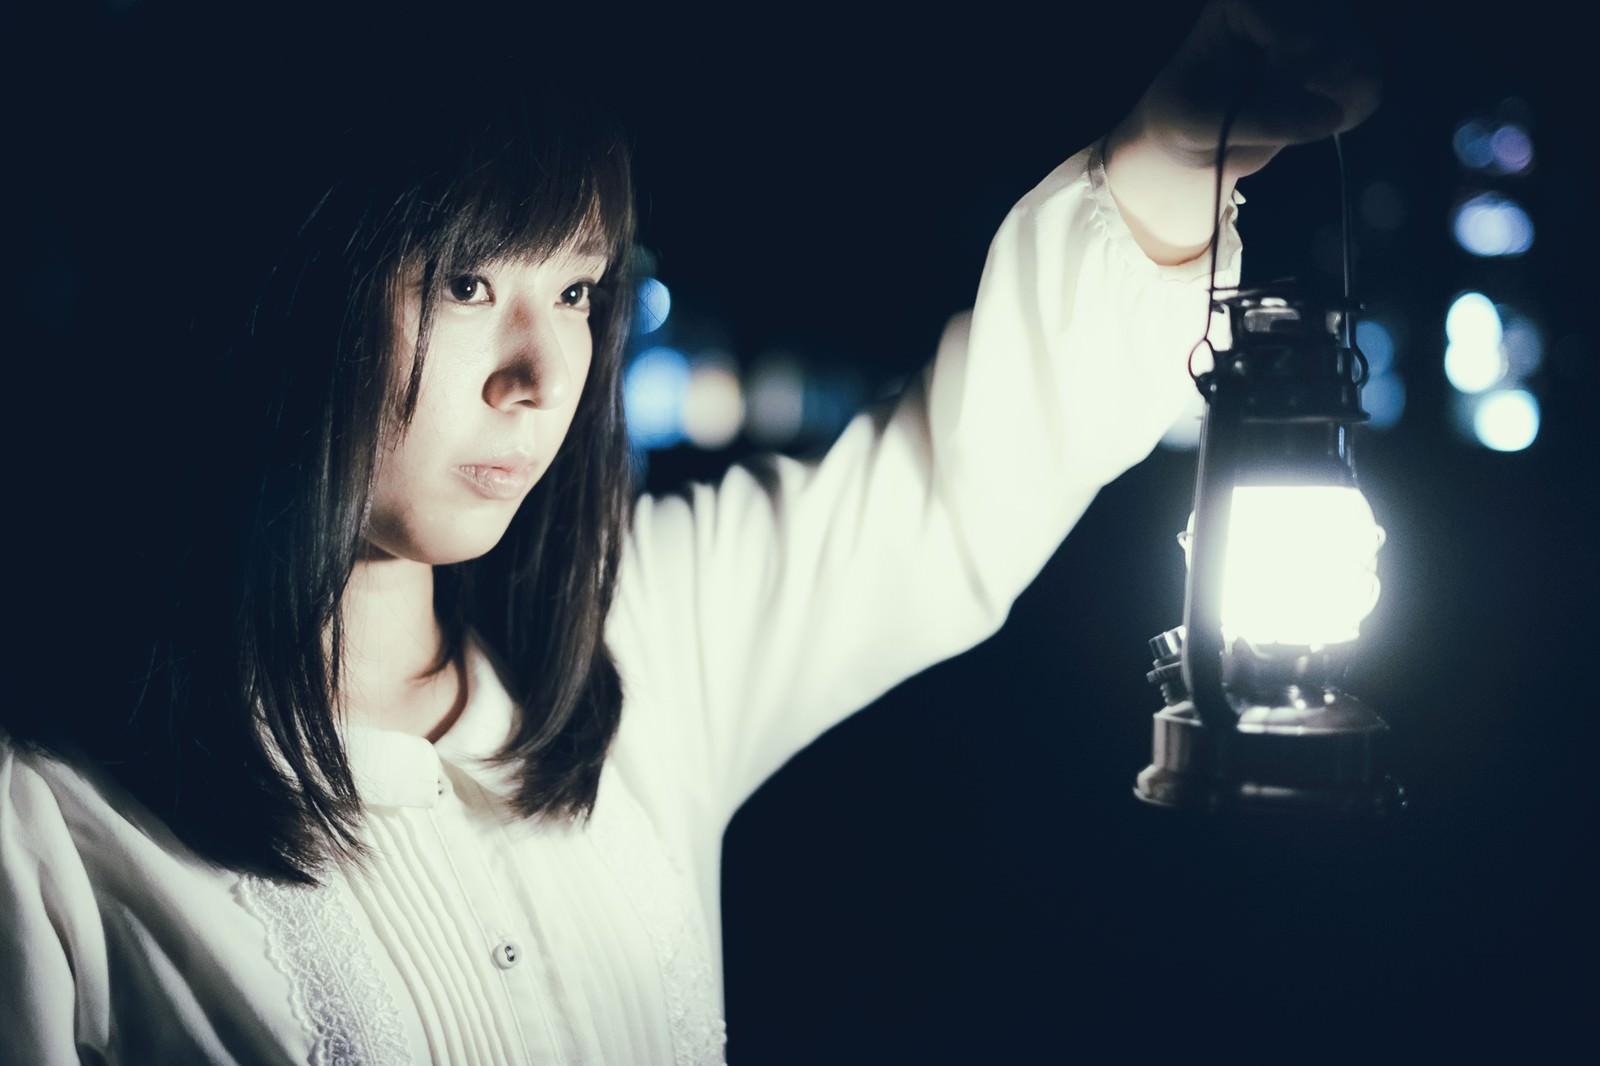 「夜に明かりを灯すランタンと女性」[モデル:さとうゆい]